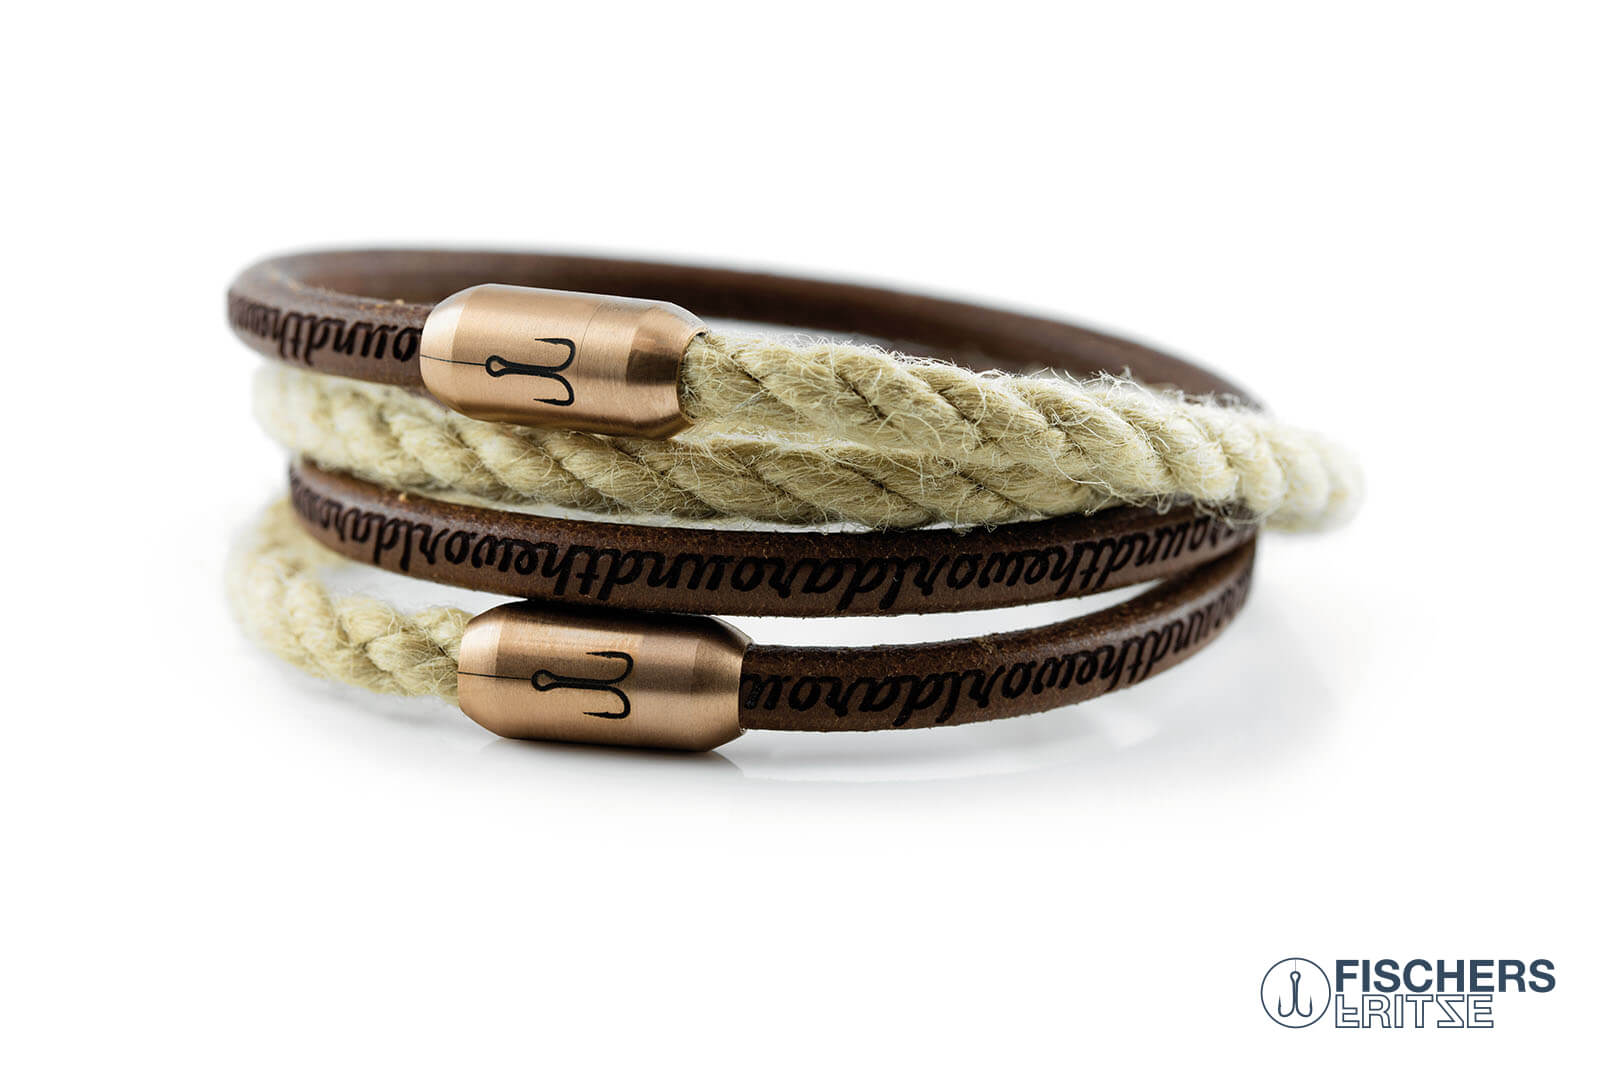 armband-fischers-fritze-koenigskombigarnele-natur-gefettet-natur-leder-segeltau